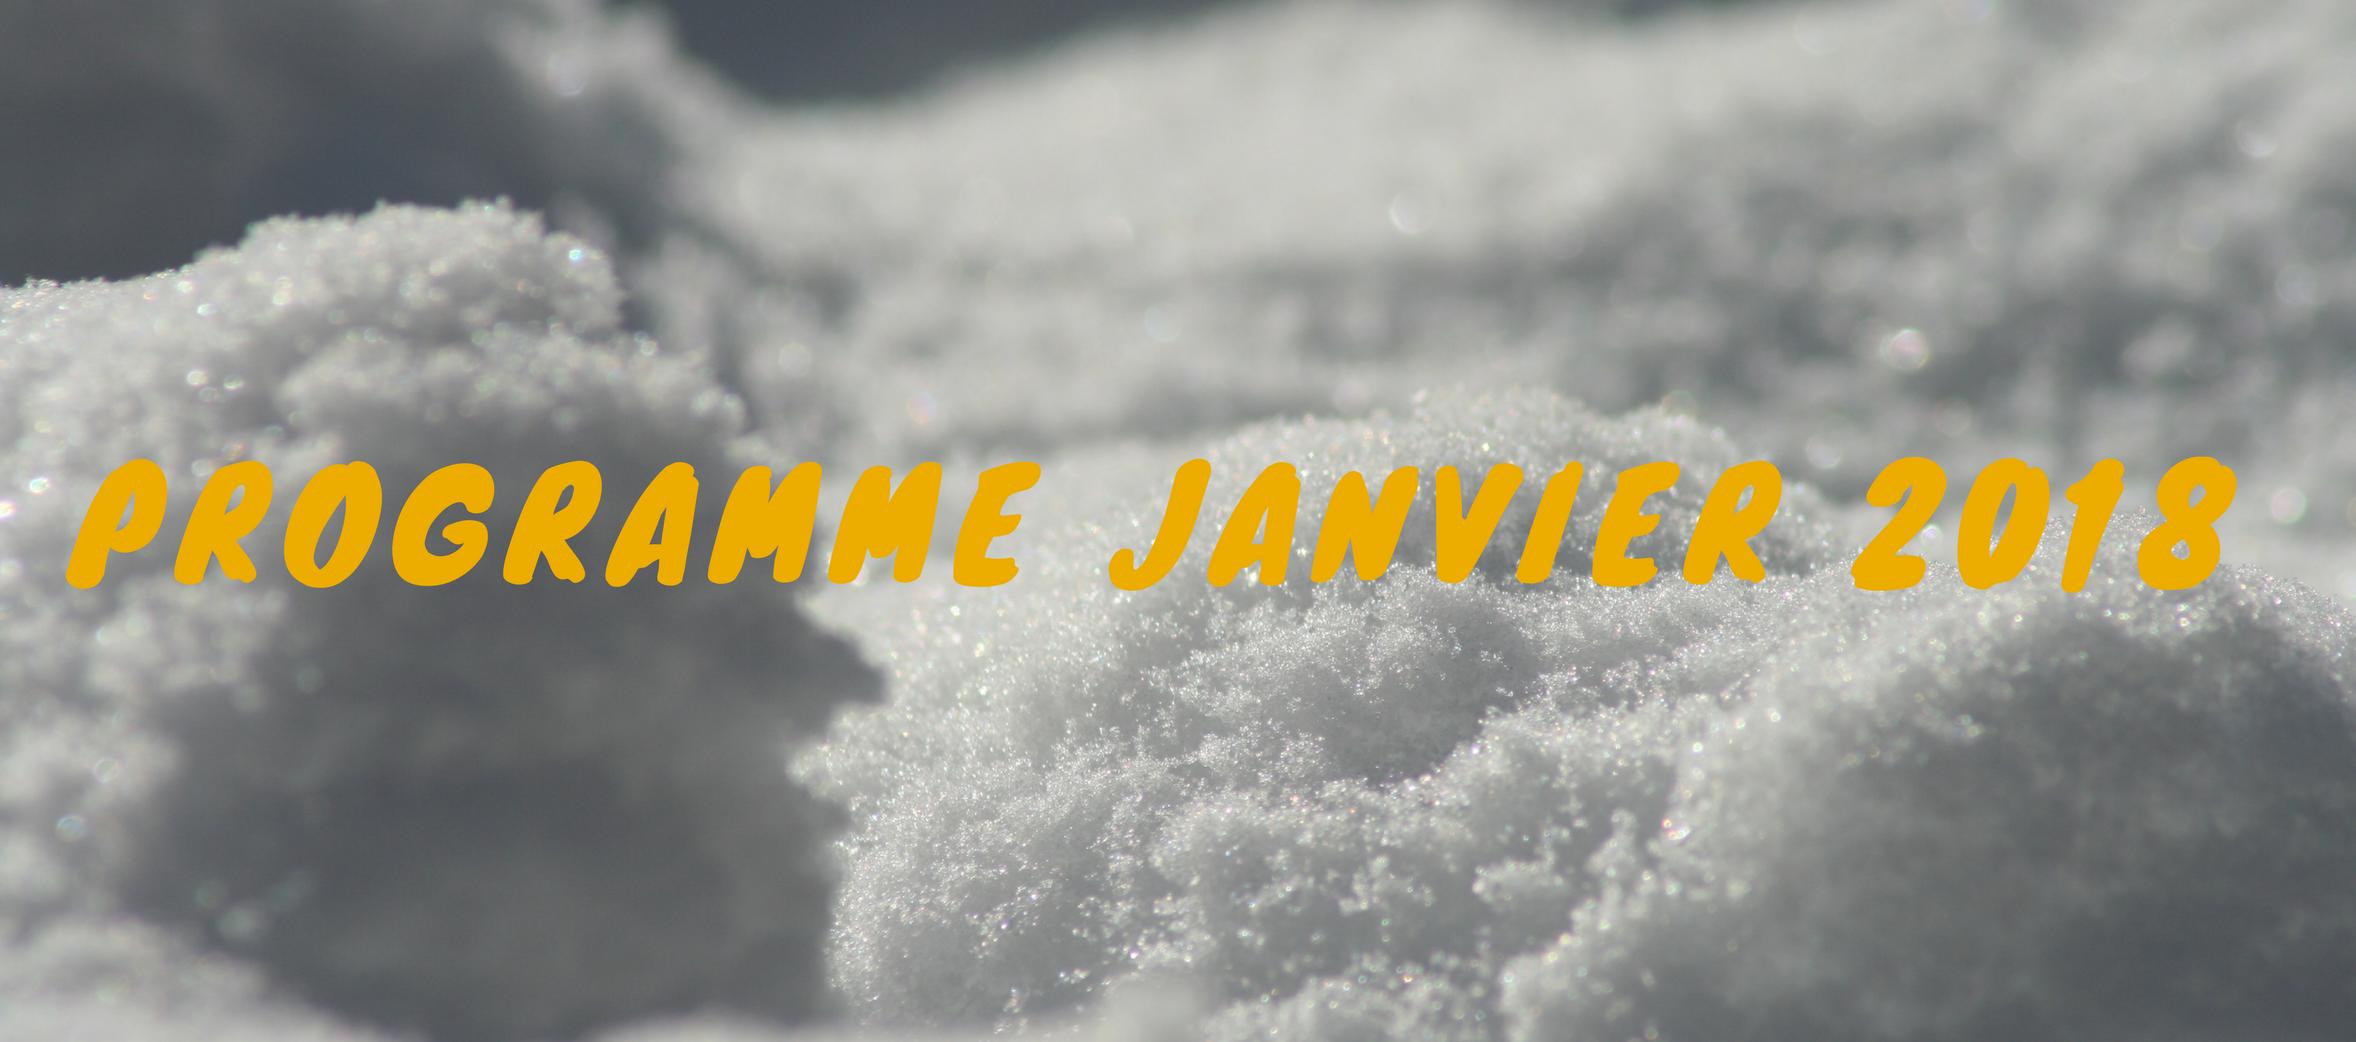 Banniere+janvier